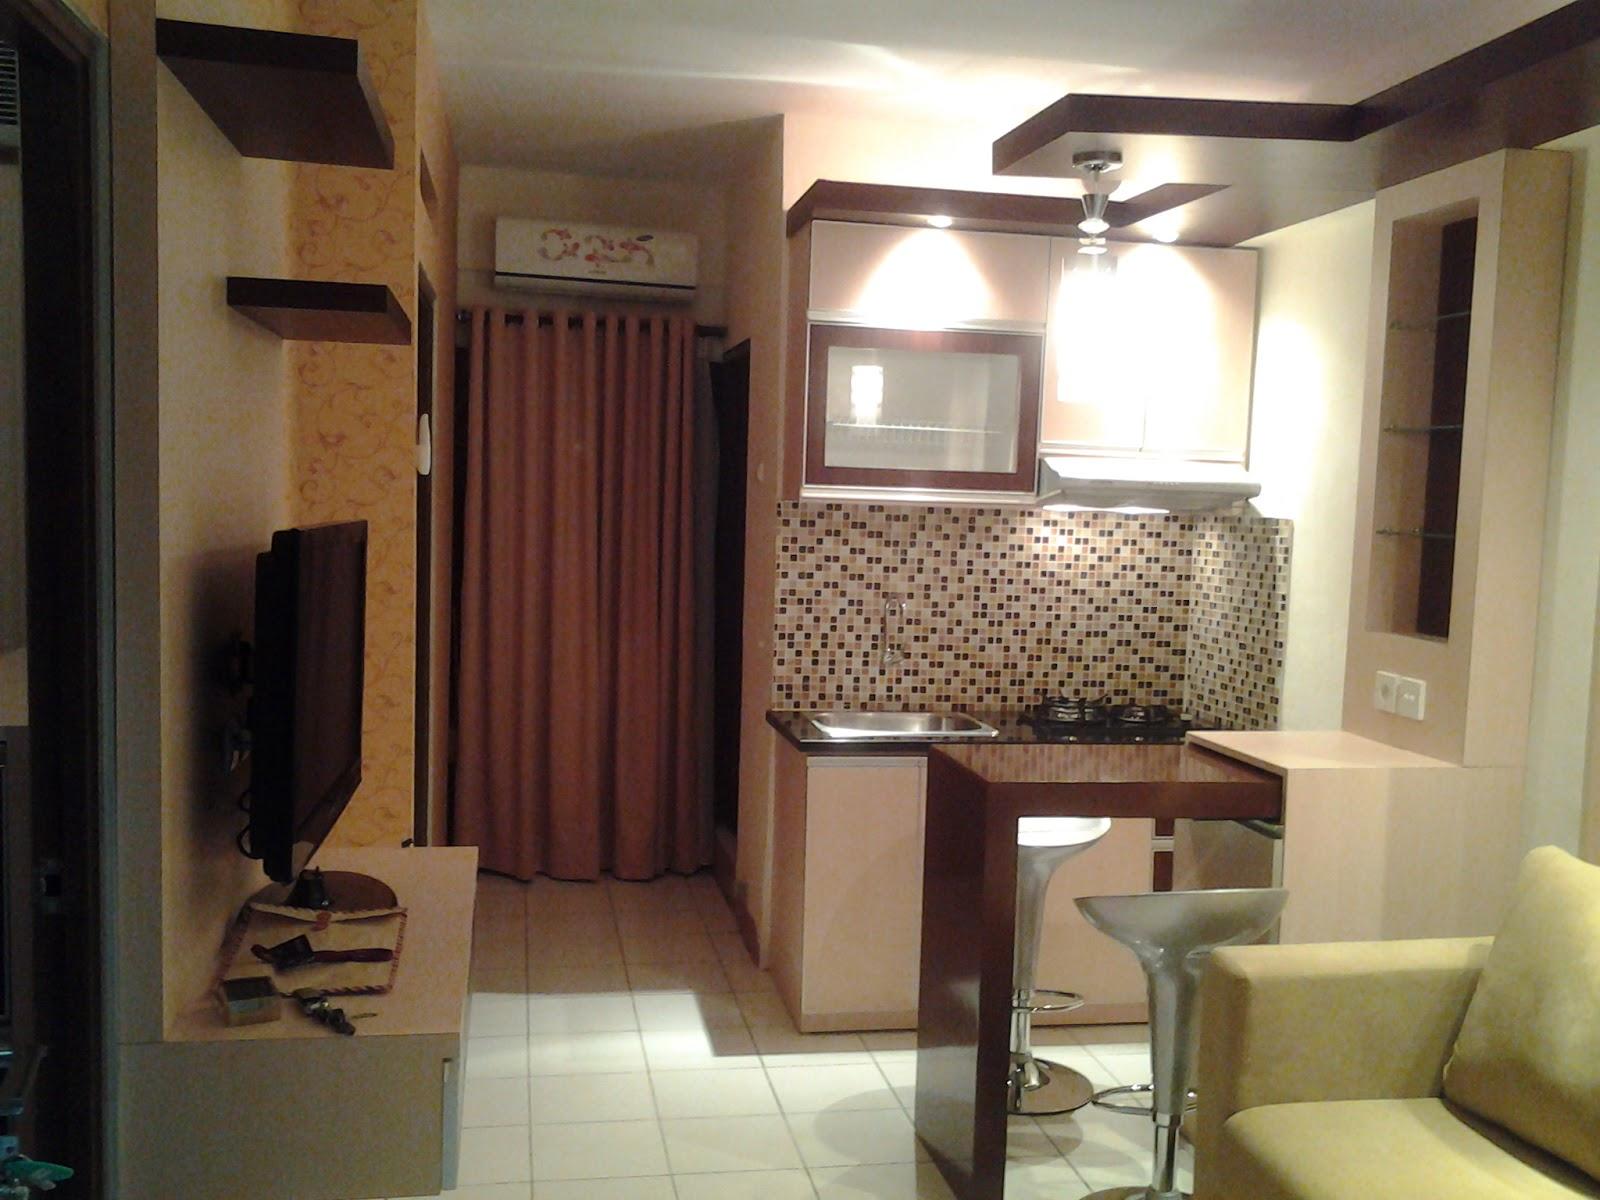 Design interior apartemen studio modern bandung for Studio apartment interior design malaysia